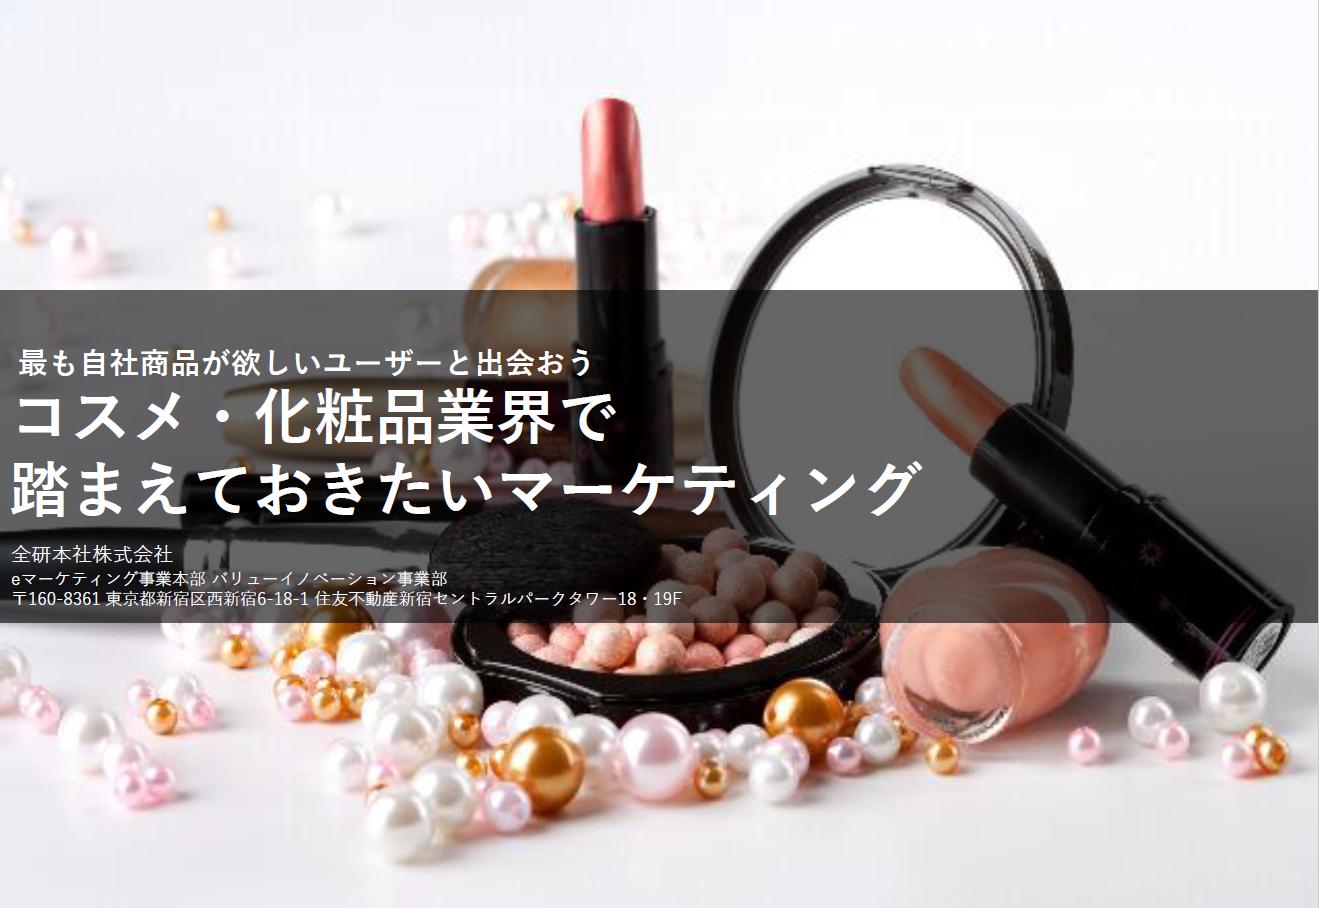 【コスメ・化粧品業界】バリュープロポジションを起点としたマーケティング戦略